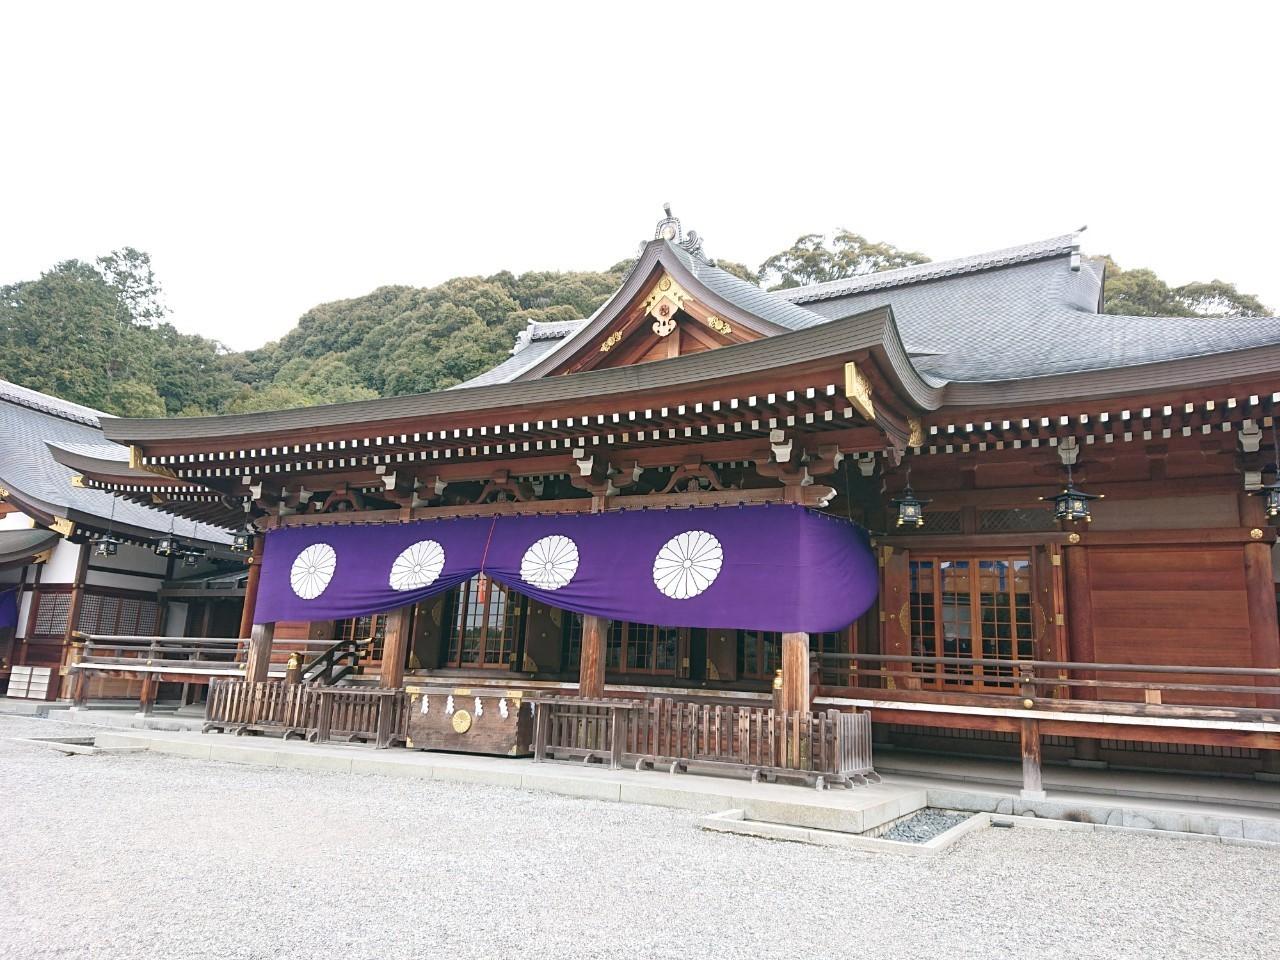 大神神社(おおみわじんじゃ)奈良県桜井市_a0122205_21125460.jpg